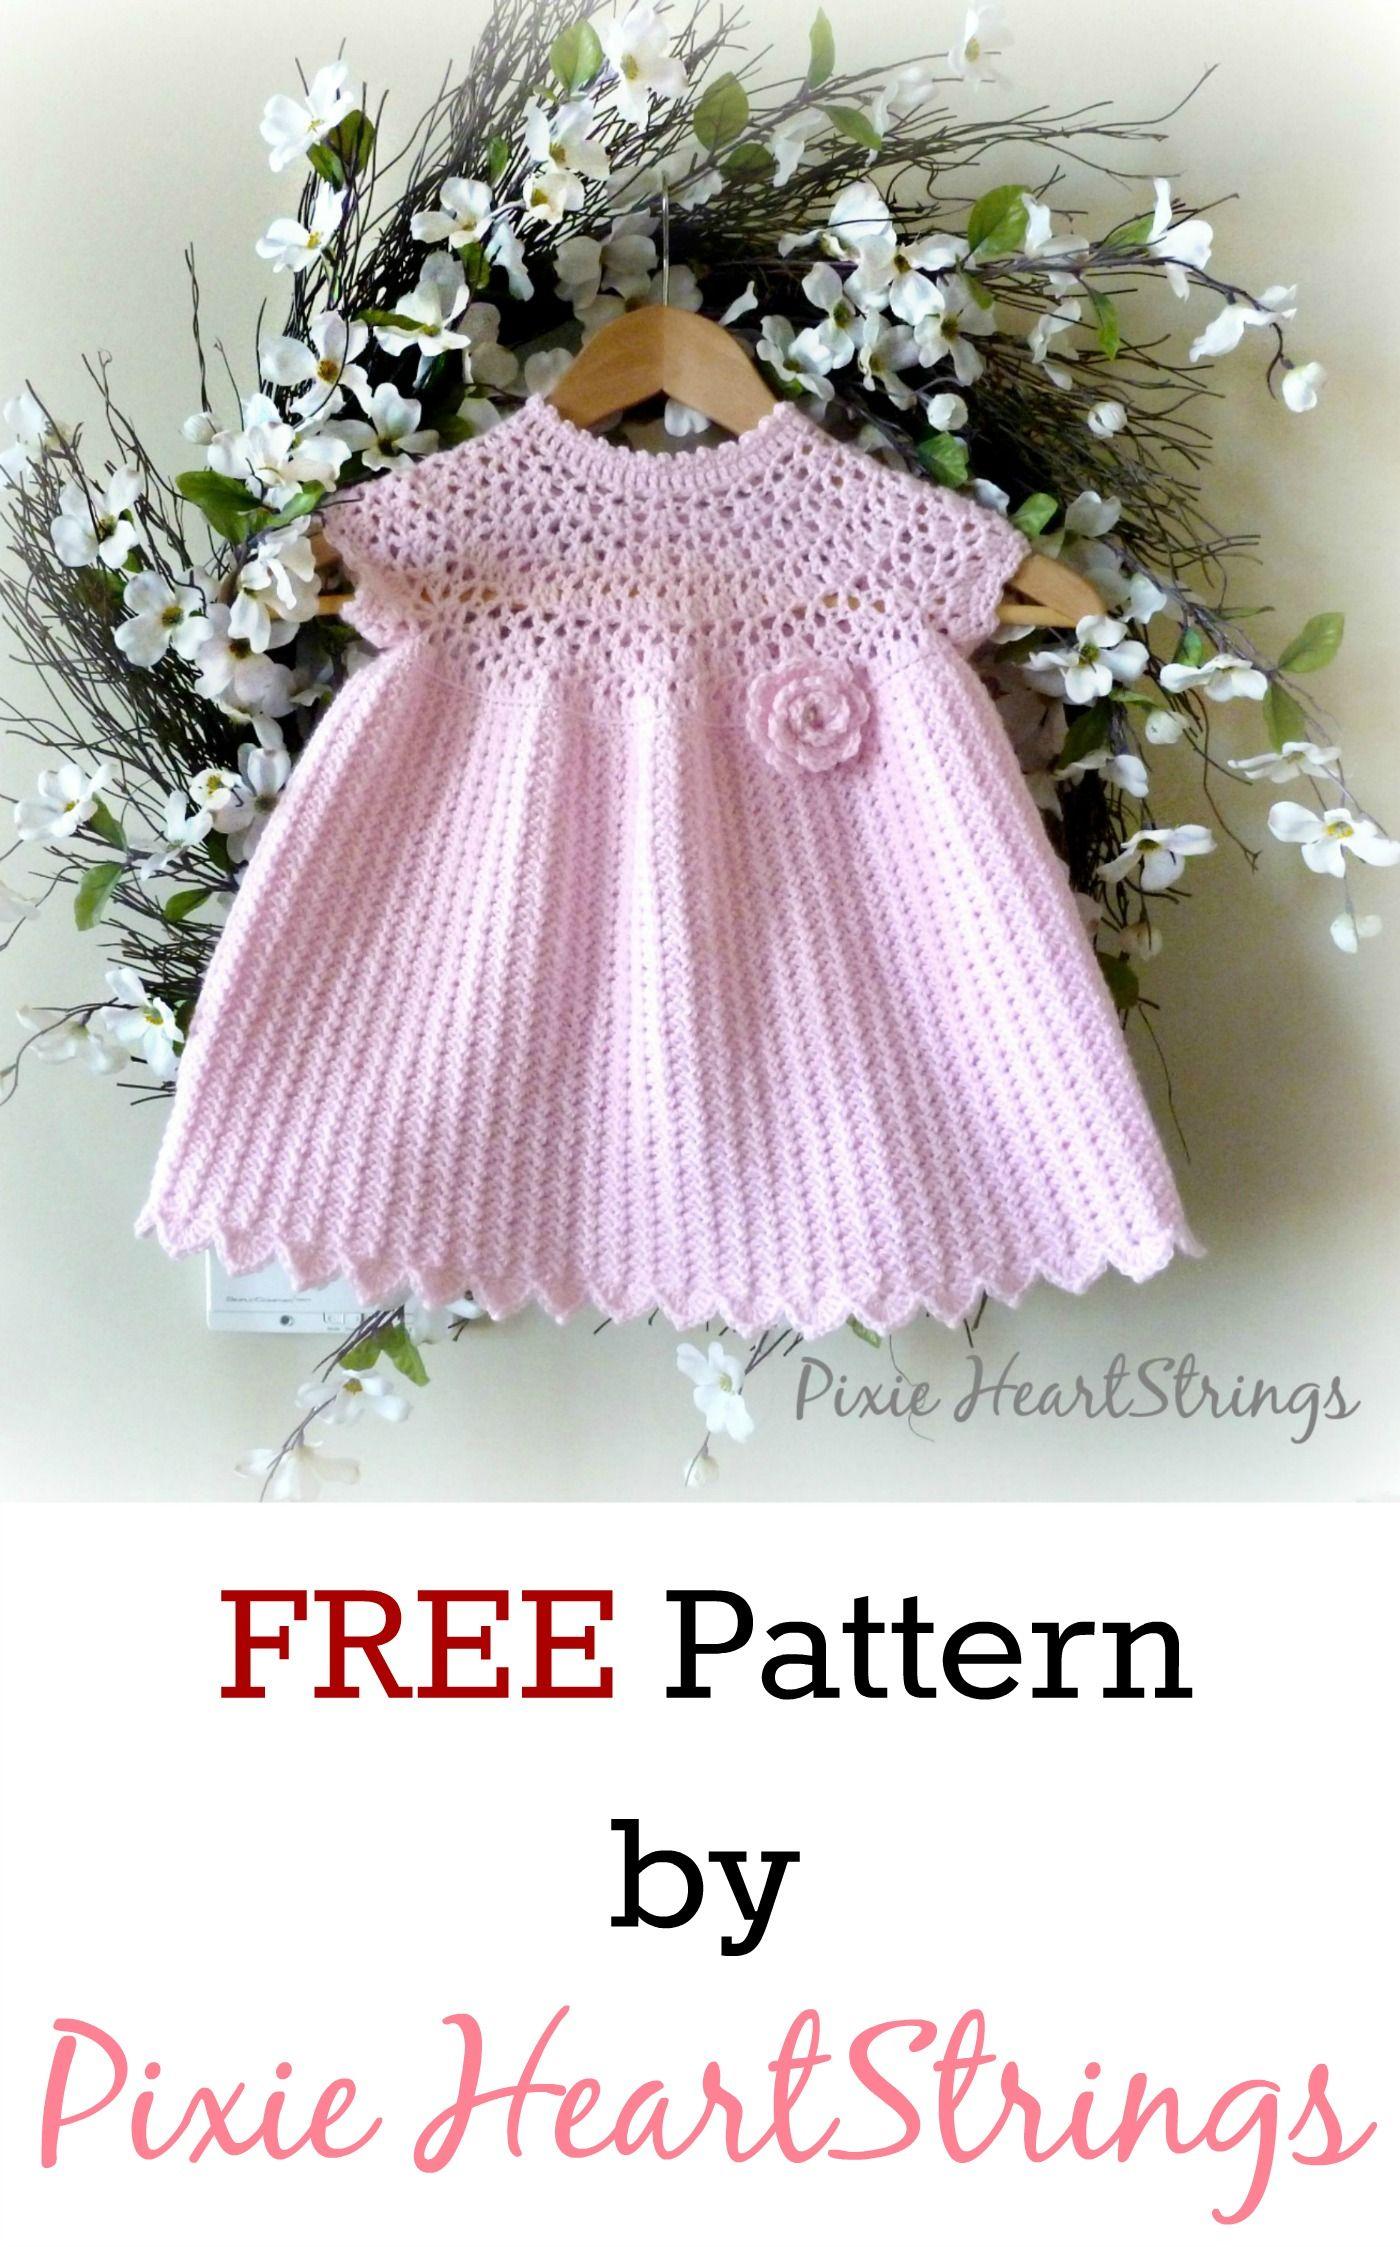 Free Crochet Baby Dress Pattern By Pixie Heartstrings Crochet Baby